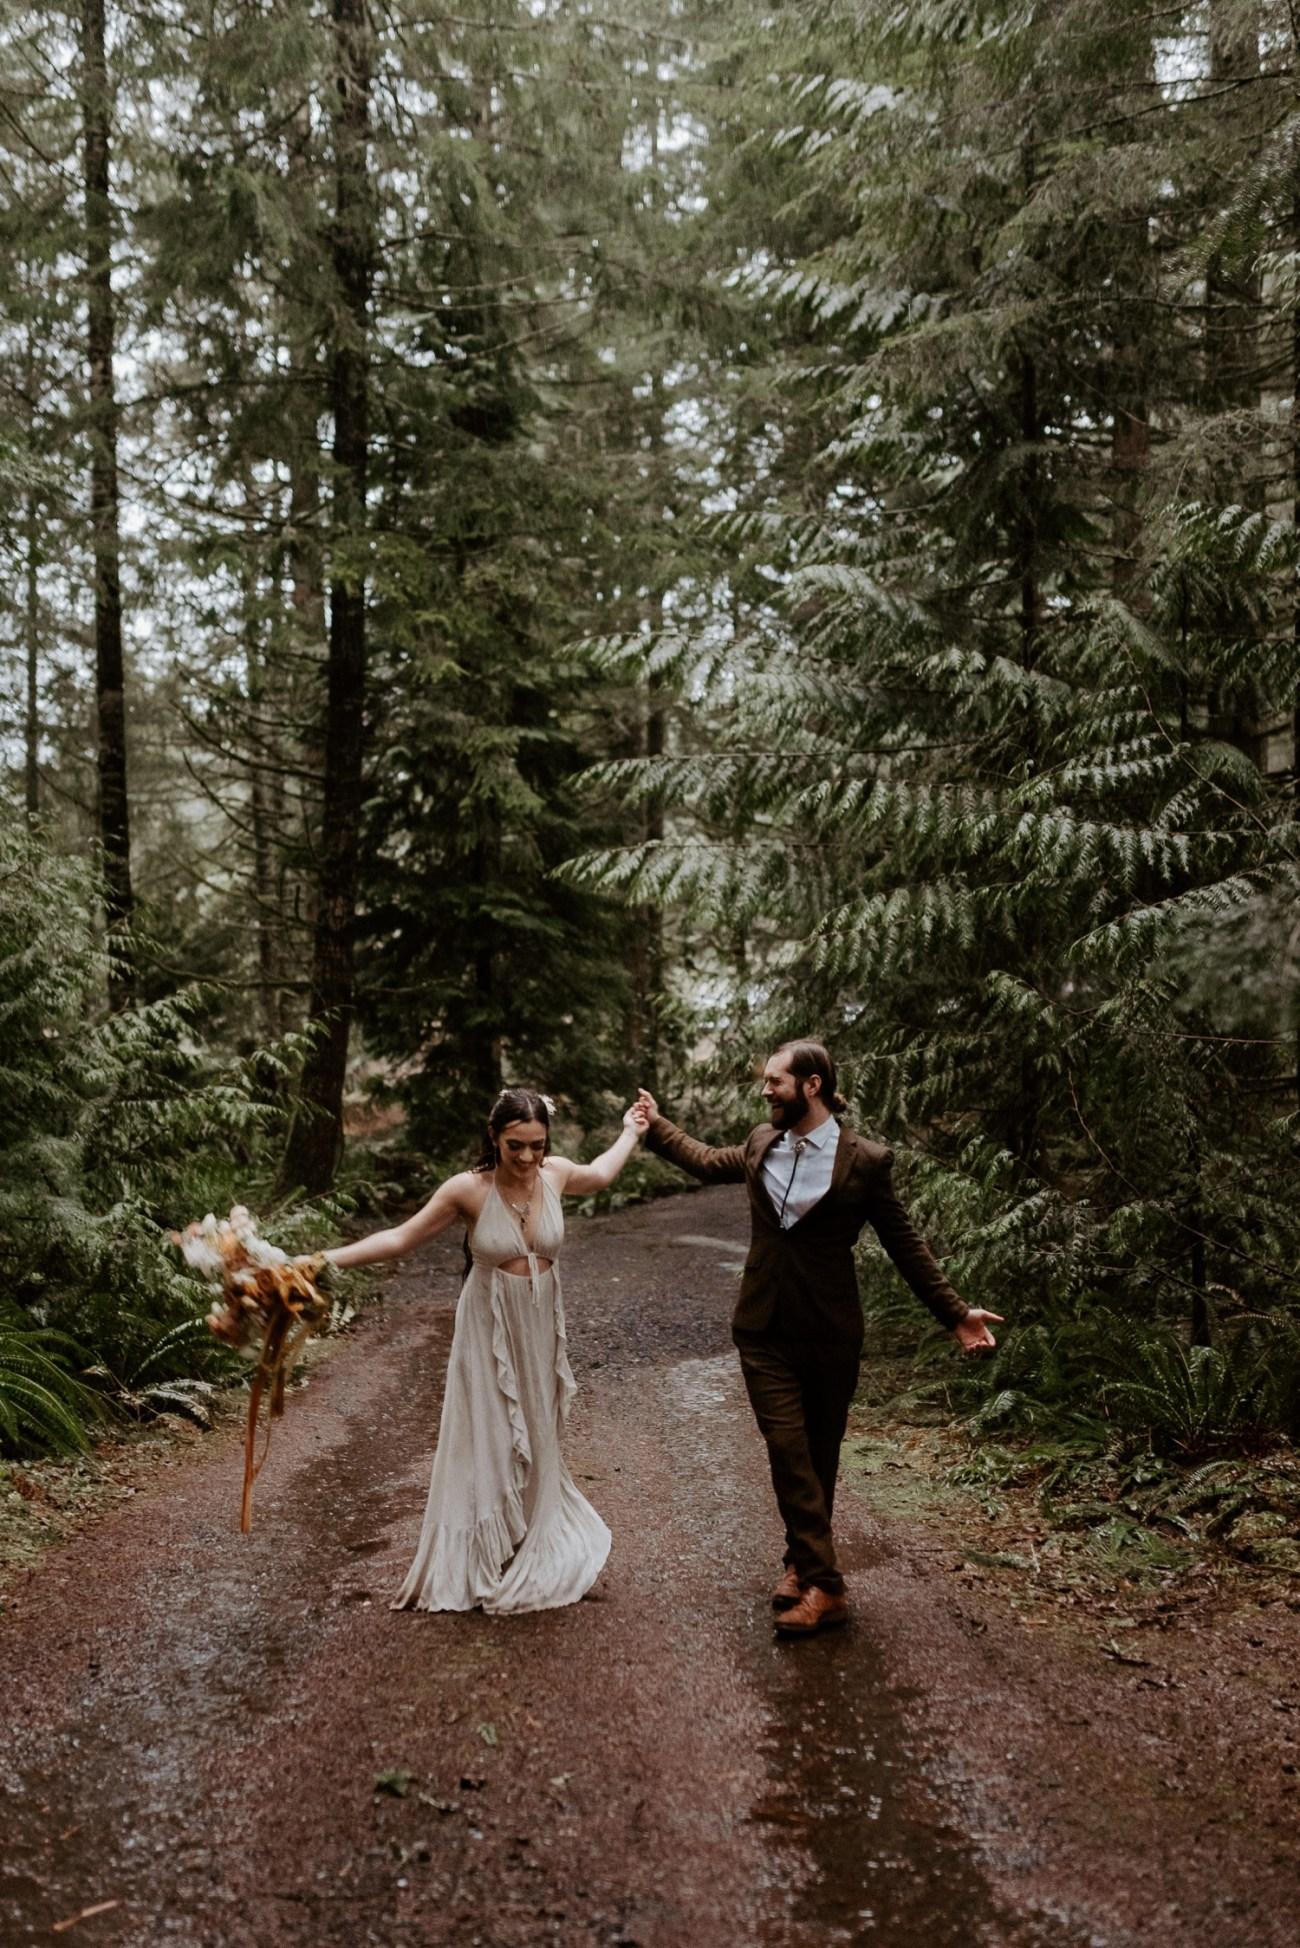 The Woodlands House Sandy Oregon Elopement Portland Elopement Photographer PNW Adventurous Elopement Anais Possamai Photography 033